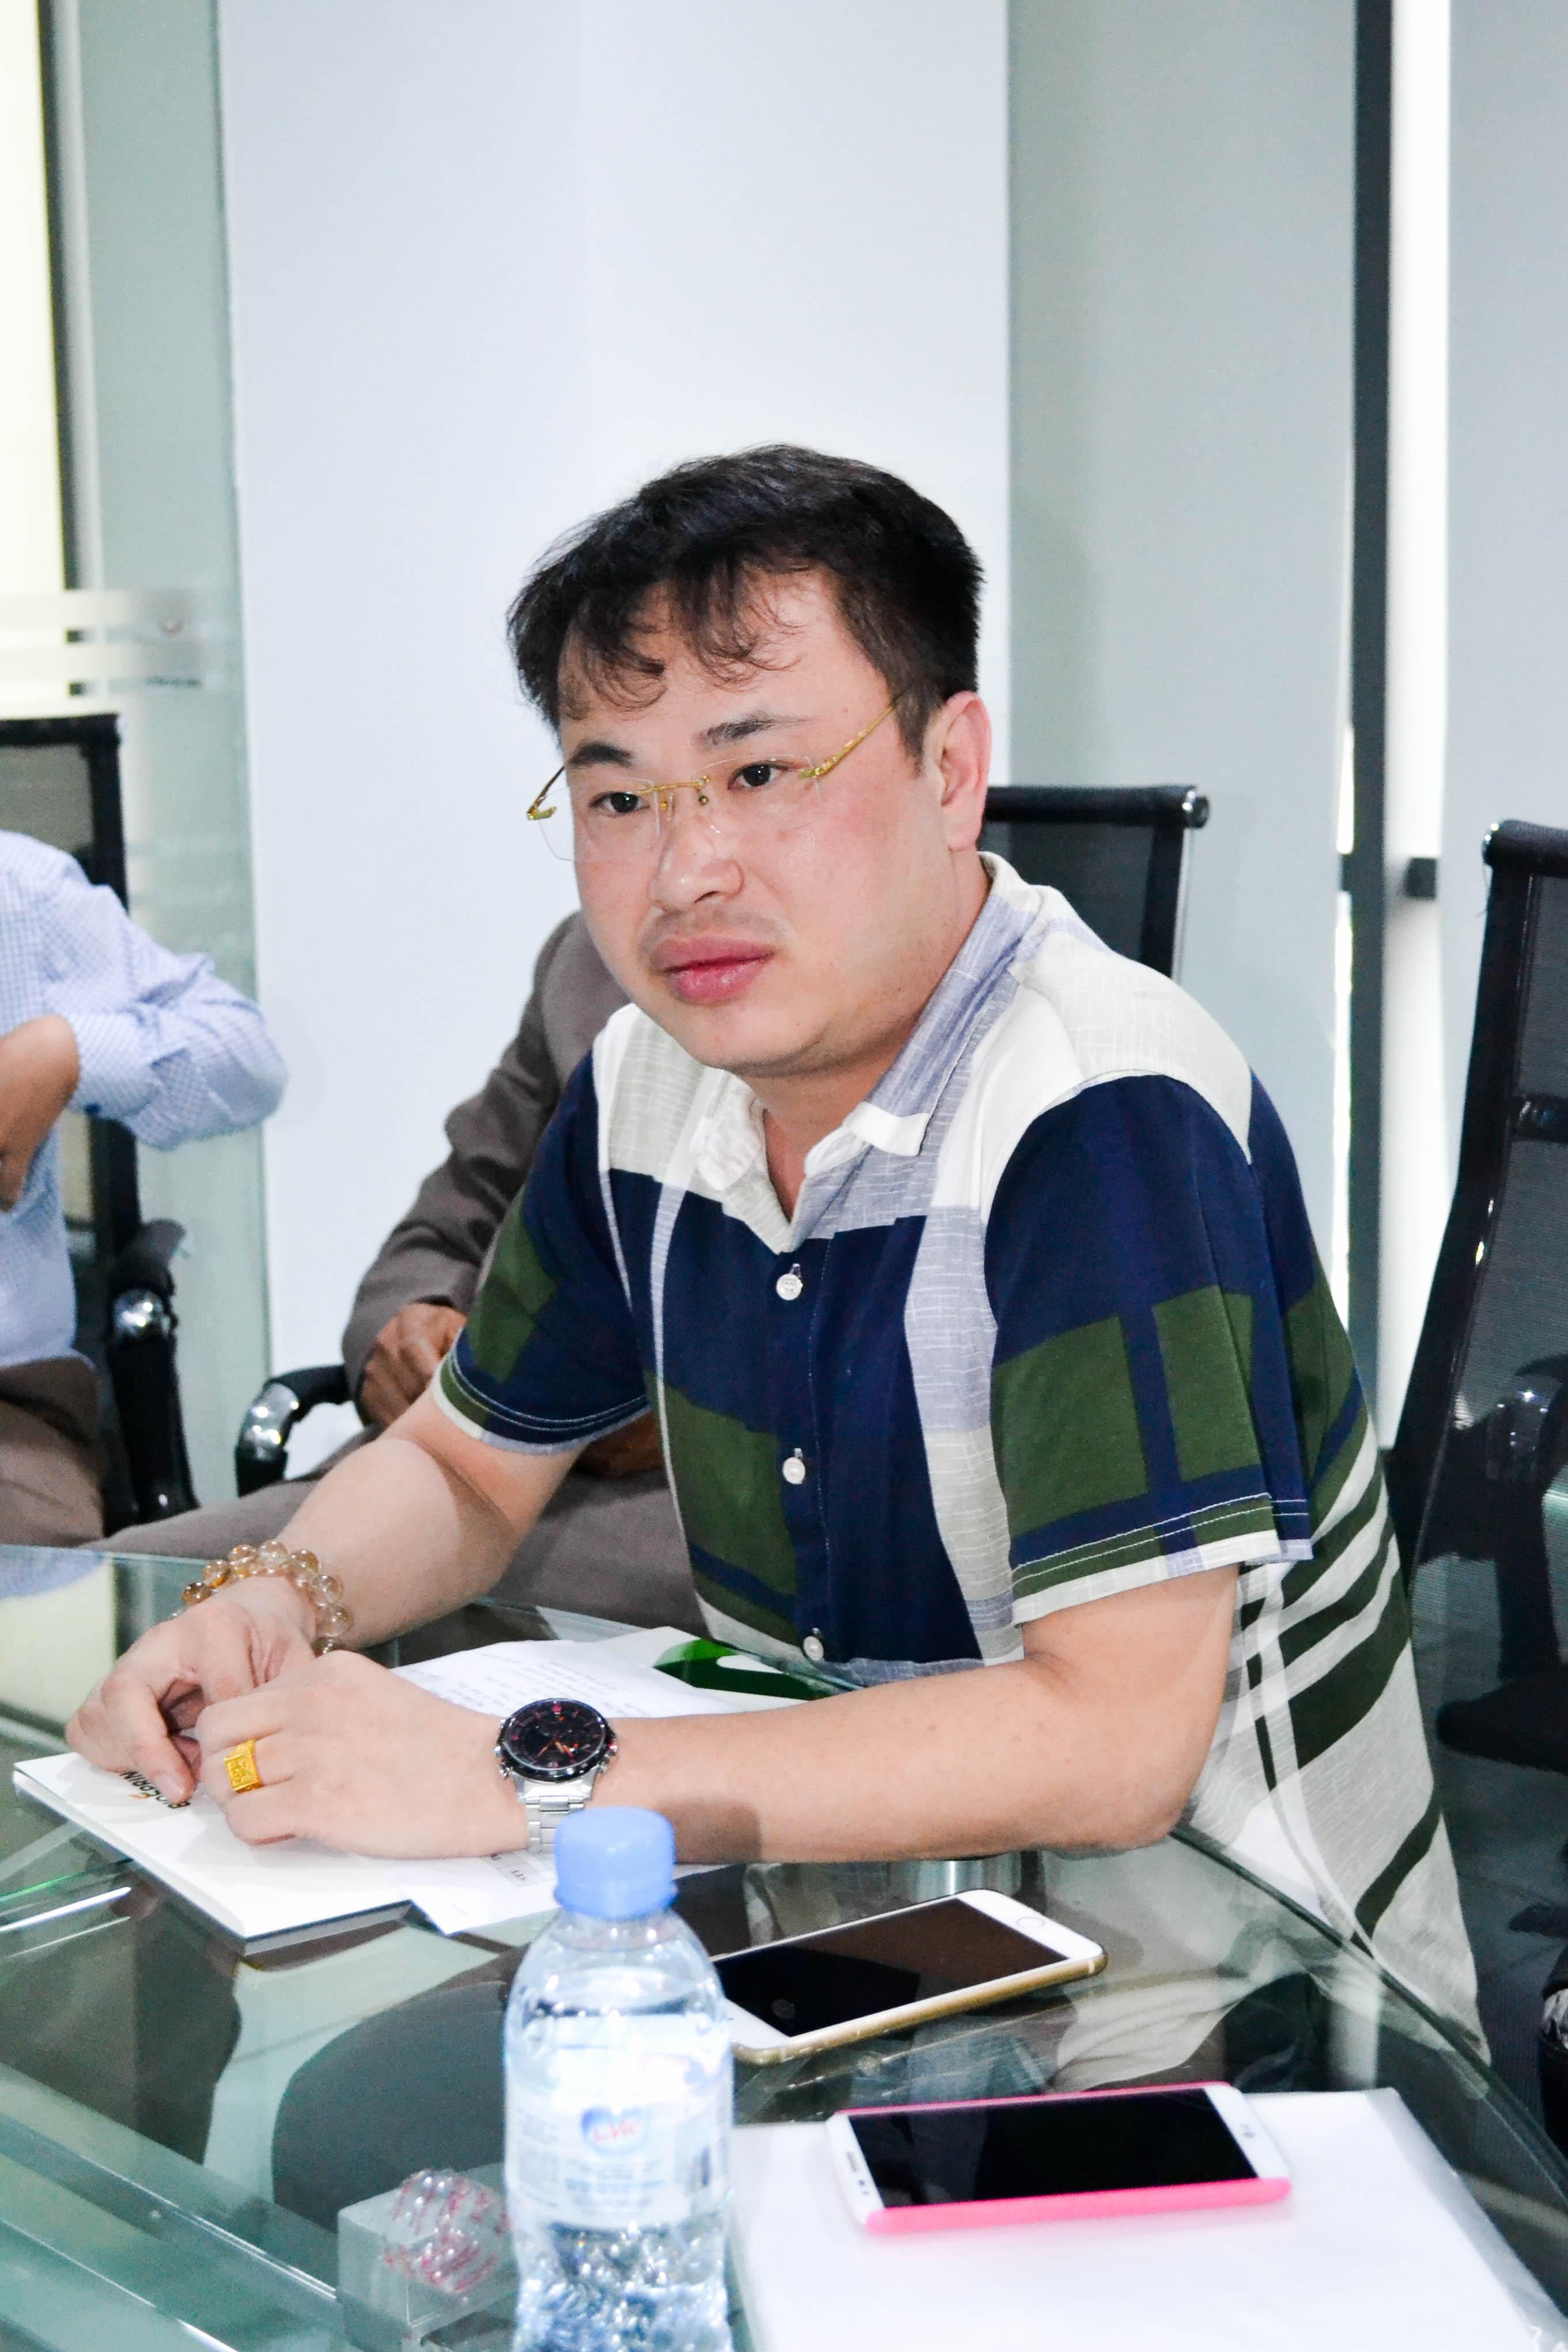 BioSpring-don-So-KHCN-Quang-Ninh-tham-quan-day-chuyen-san-xuat-probiotics